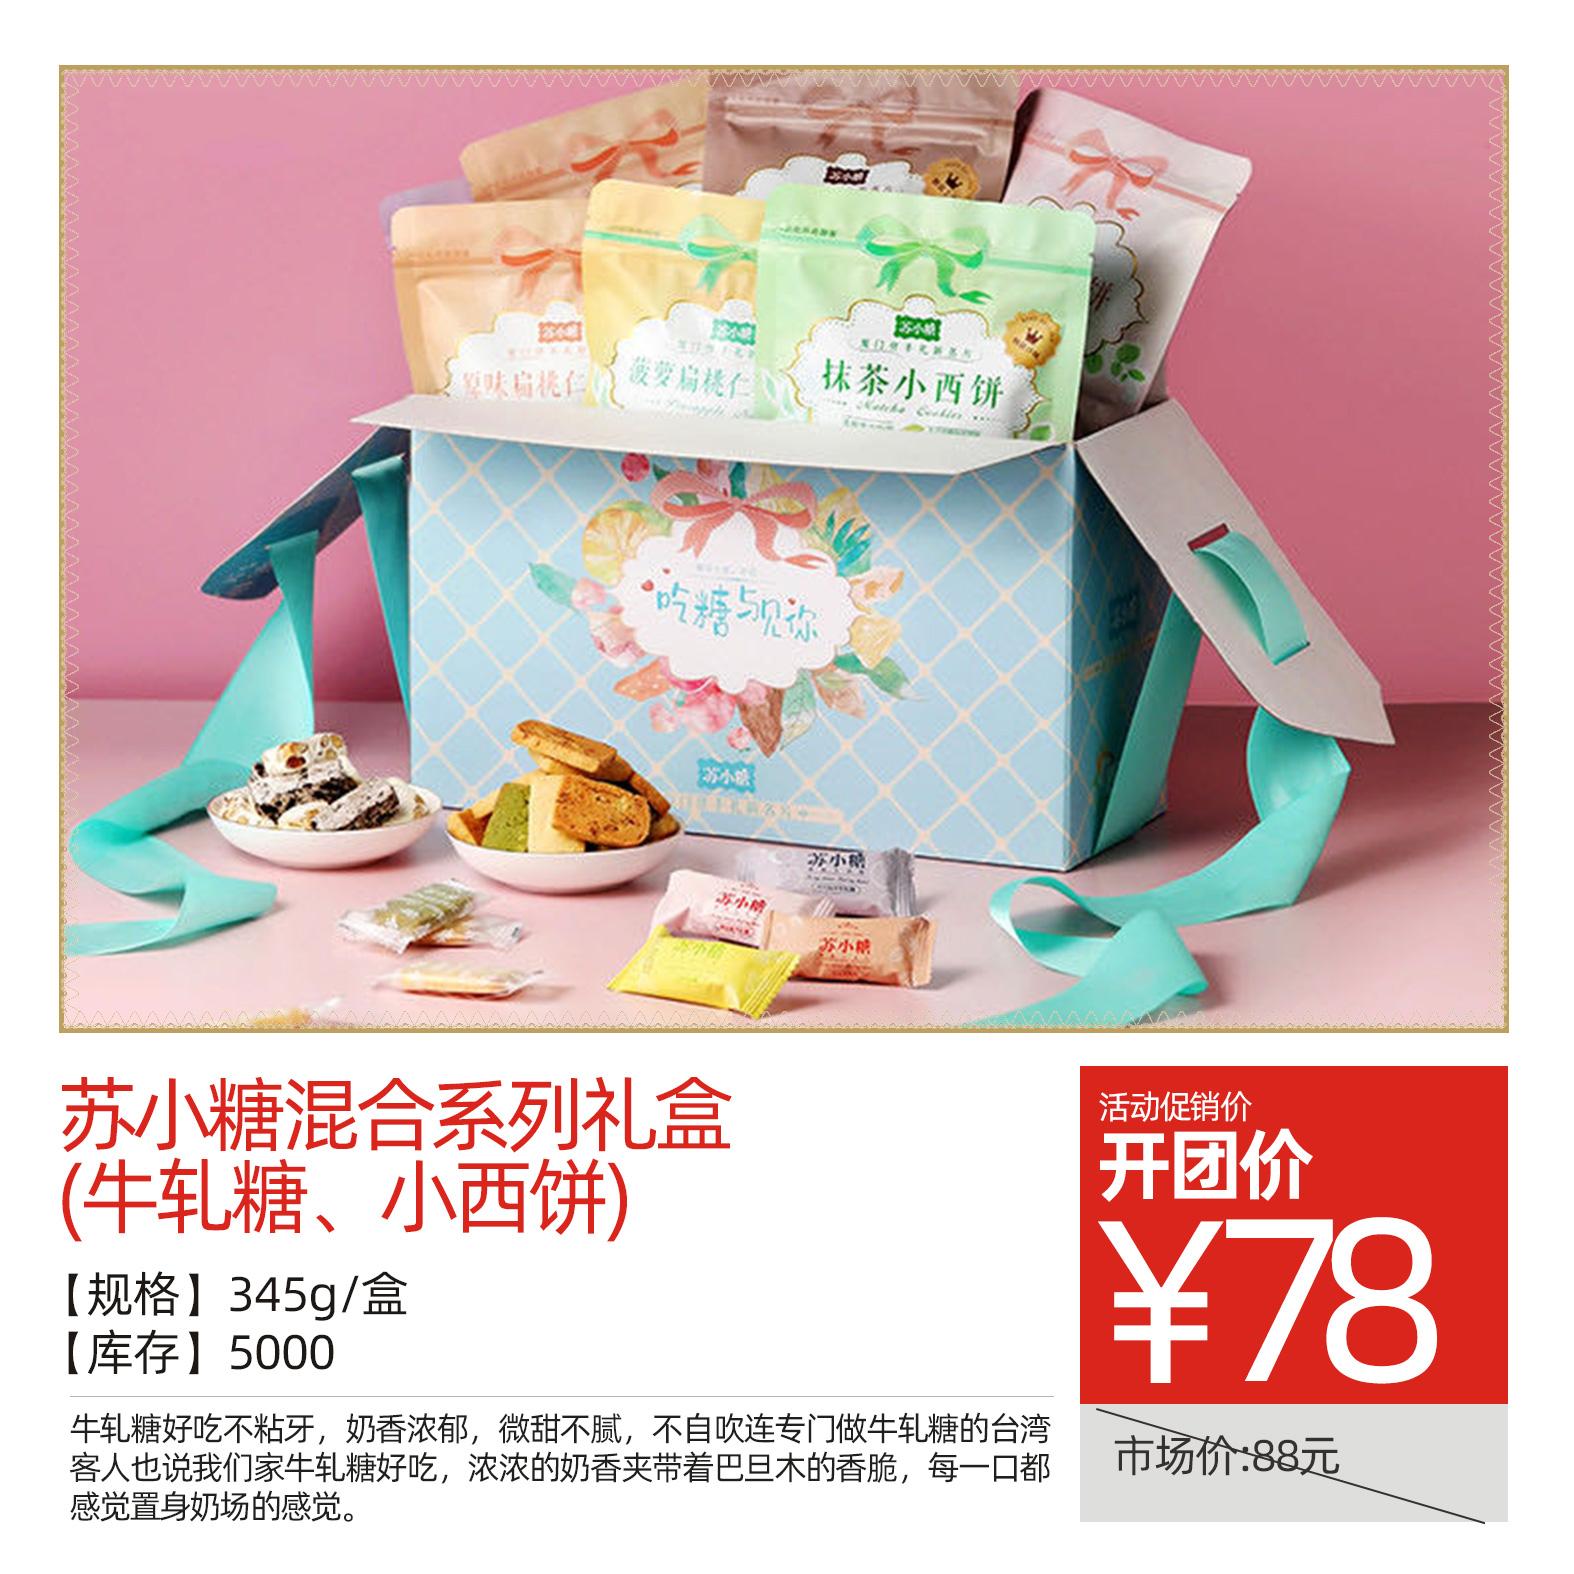 【甜蜜为伍精致装】苏小糖混合系列礼盒(牛轧糖、小西饼)